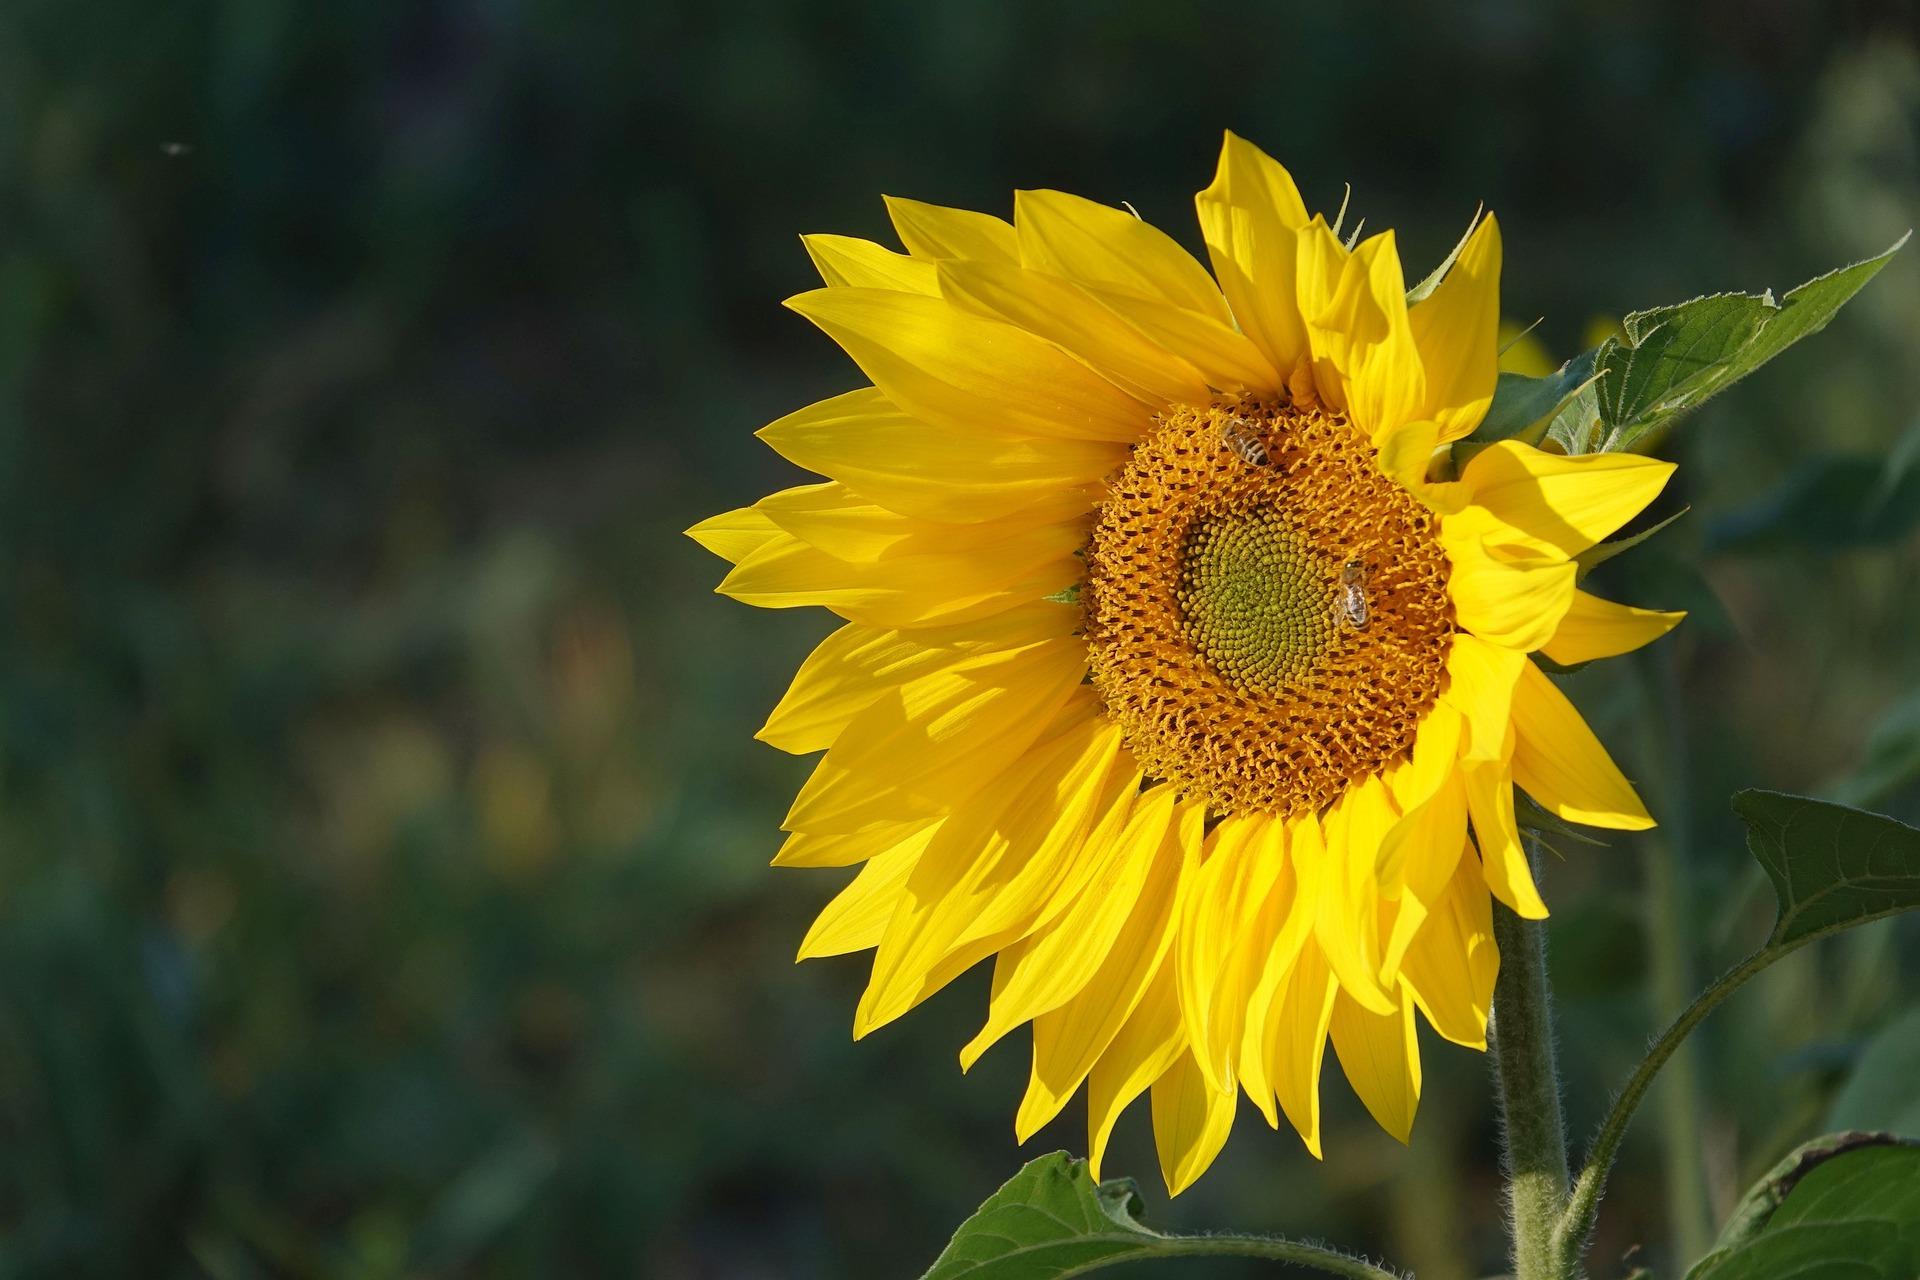 alege floarea preferata - floarea soarelui - sfatulparintilor.ro - pixabay_com - sunflower-in-october-3752613_1920